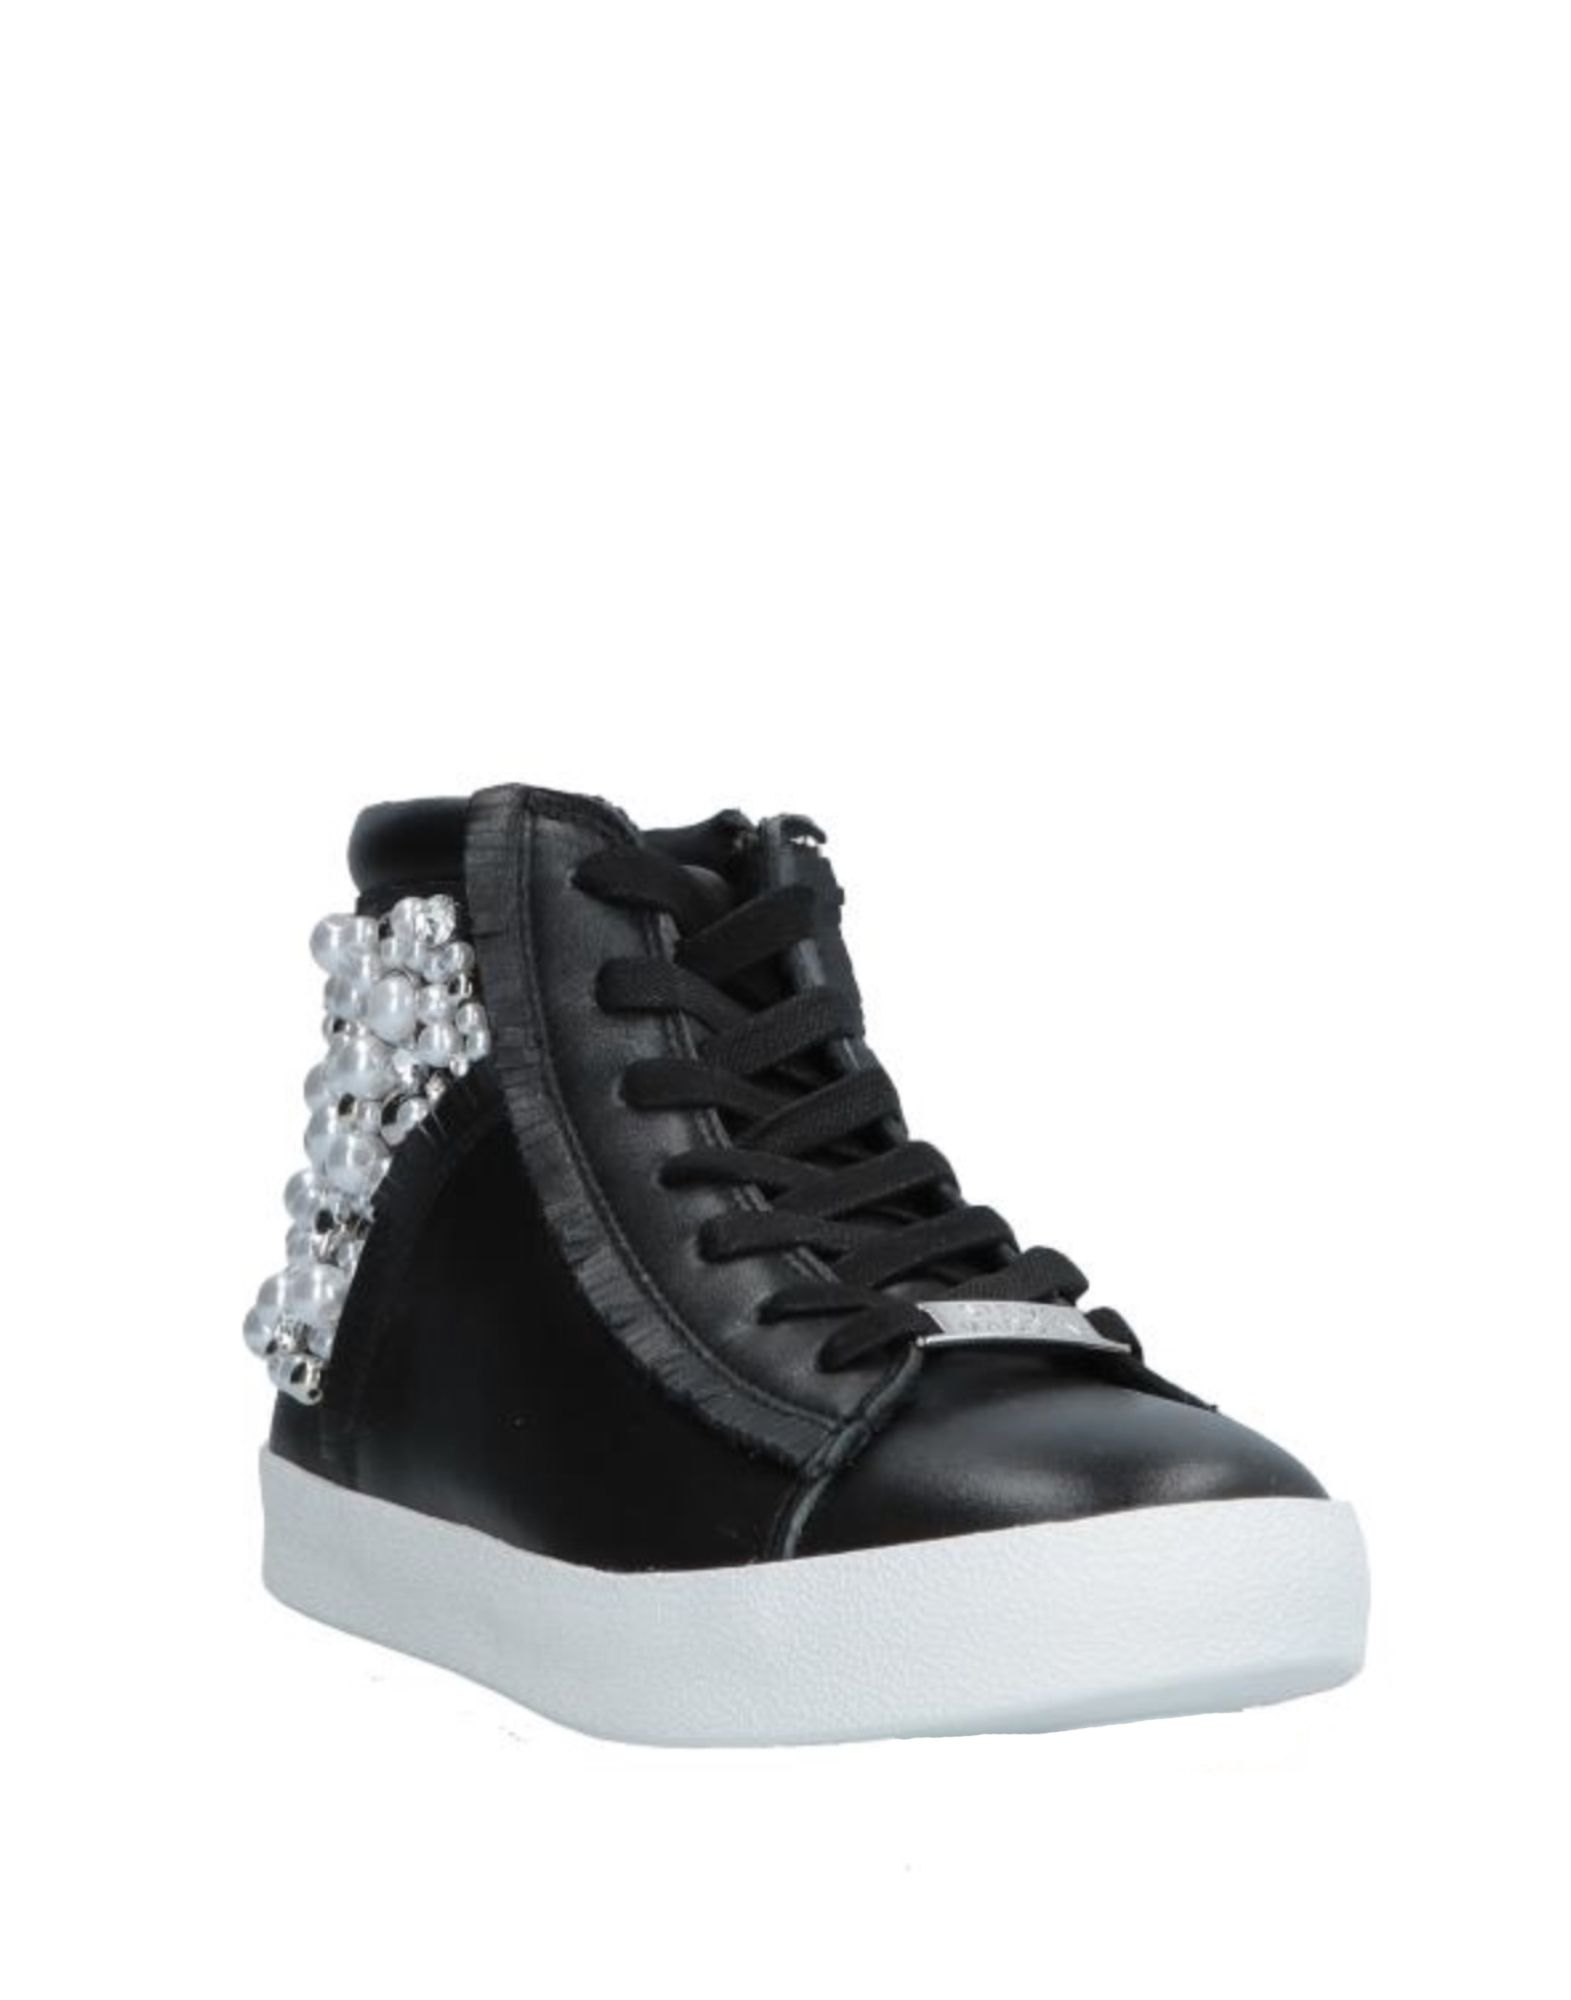 05e734f287f ... Steve Steve Steve Madden Sneakers - Women Steve Madden Sneakers online  on United Kingdom - 11570289IA ...